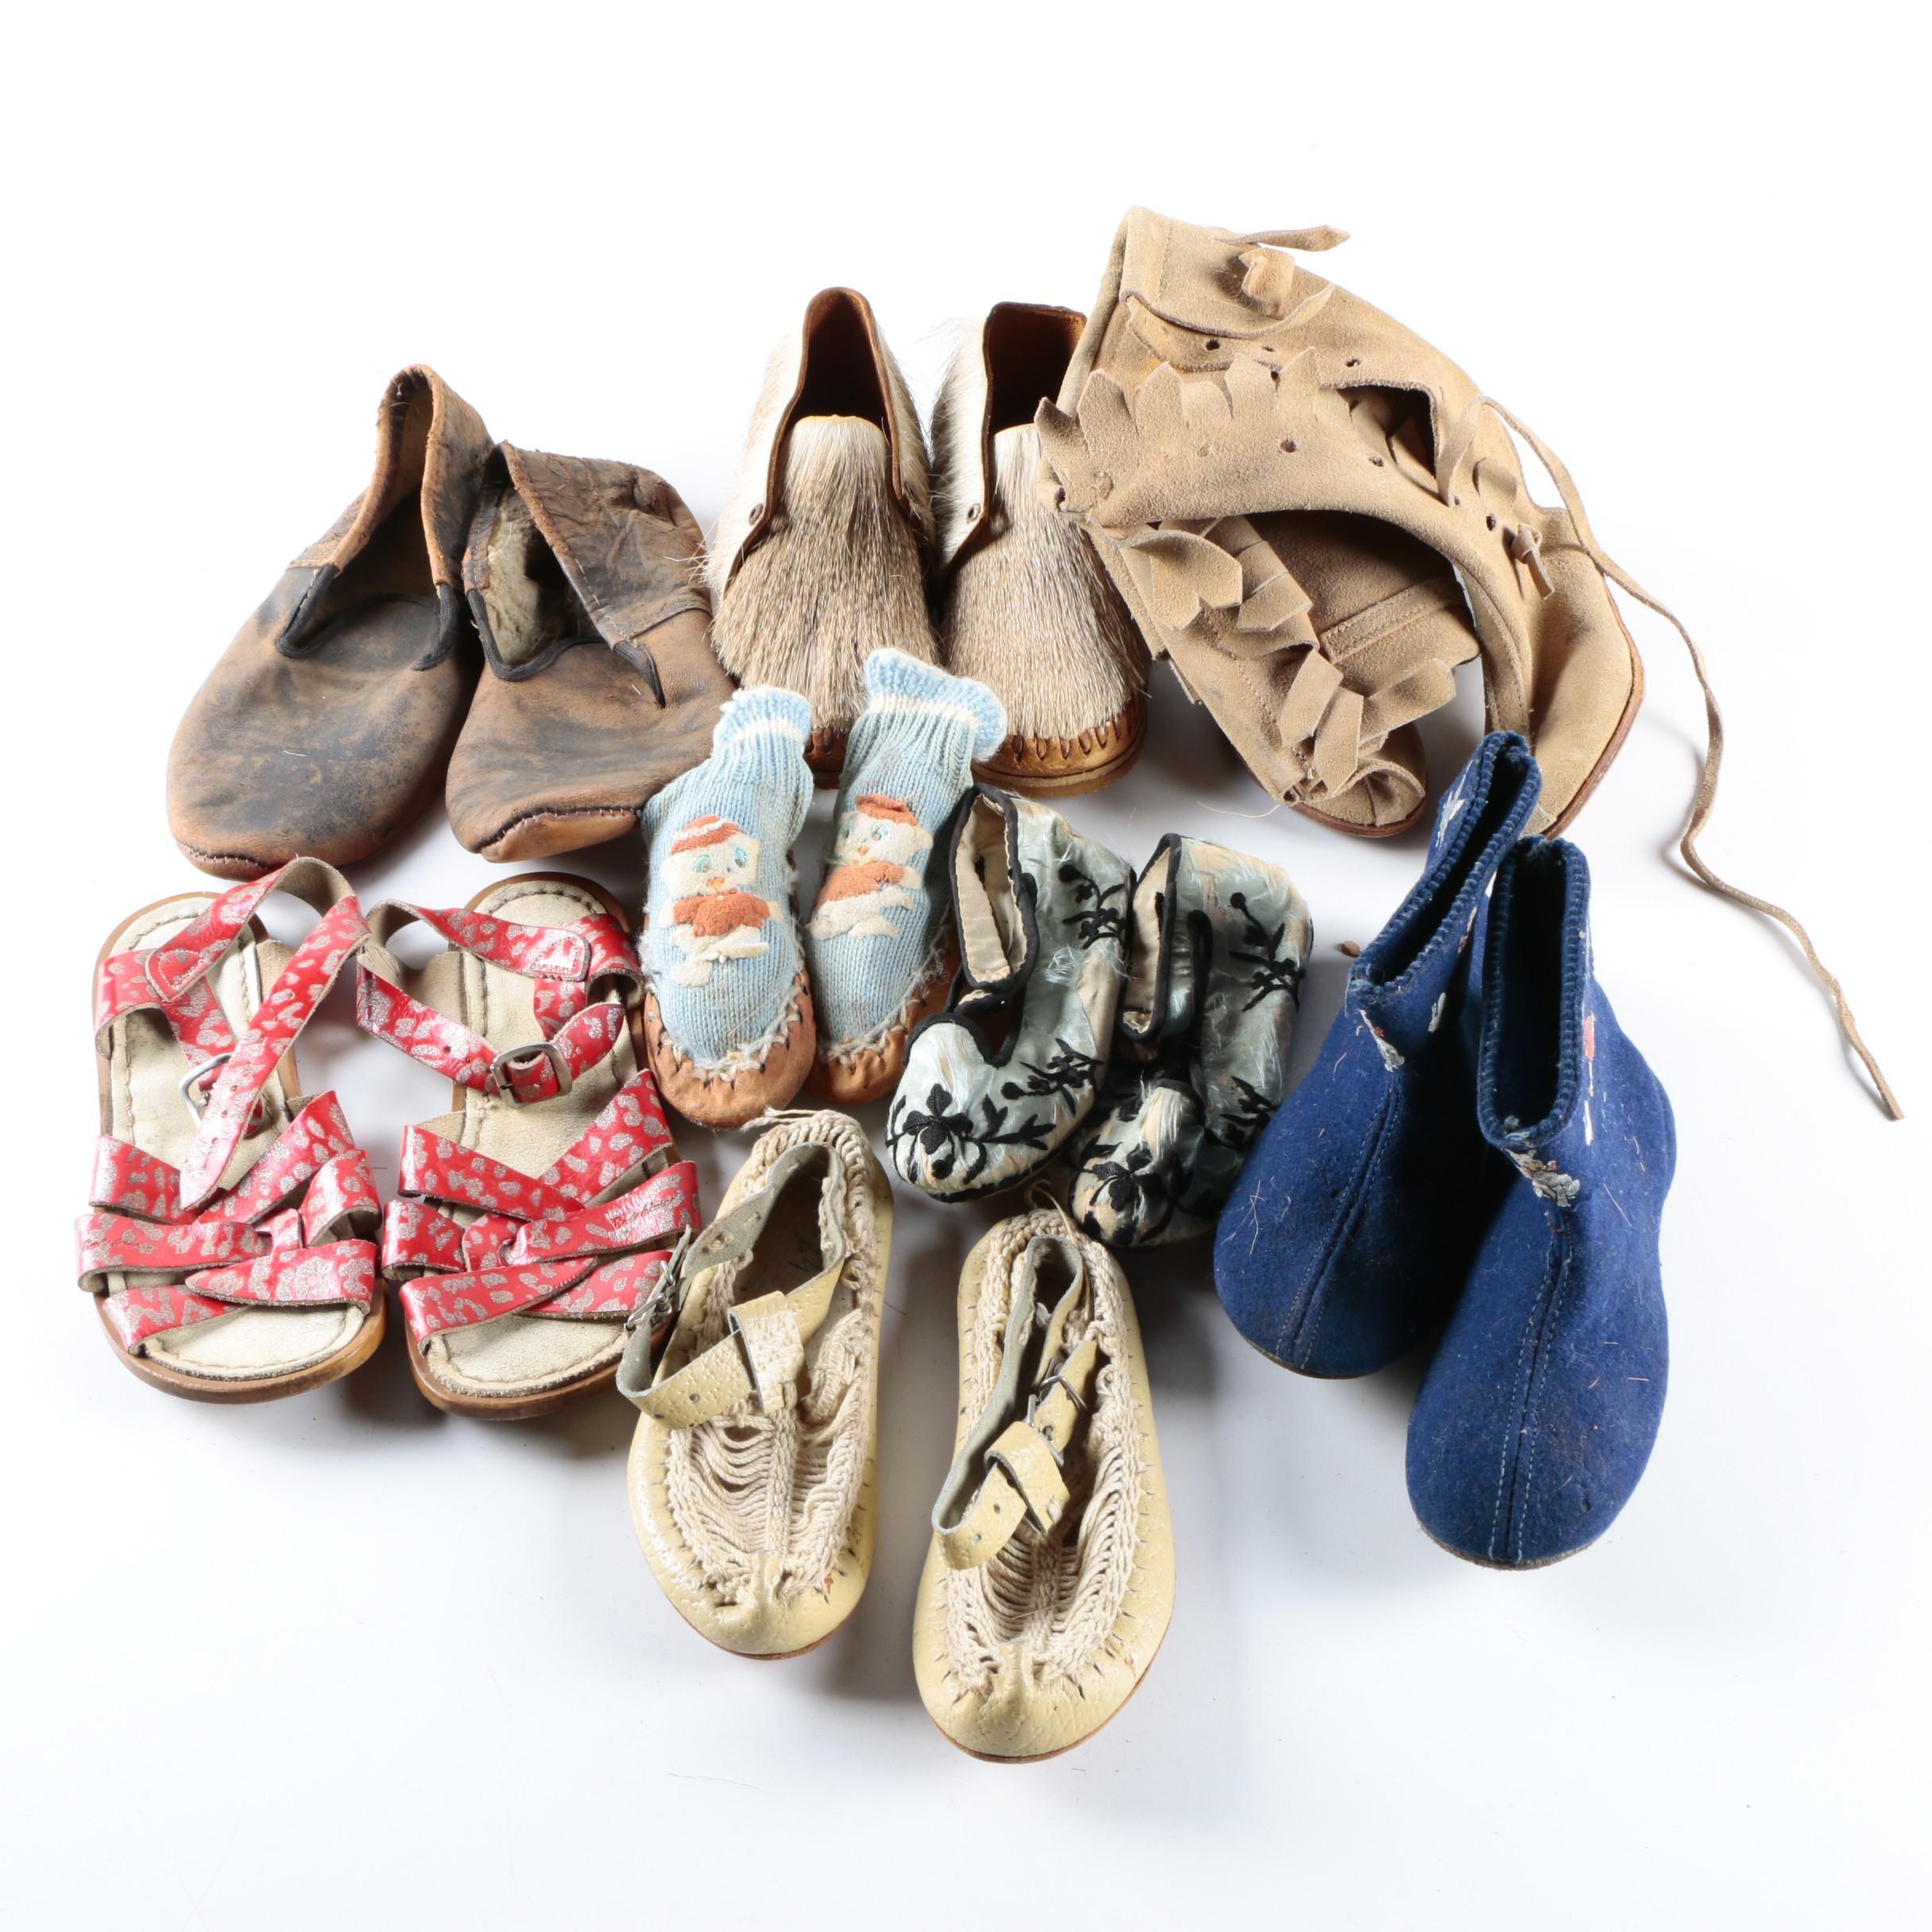 Children's Vintage Footwear Including Hoy Shoe